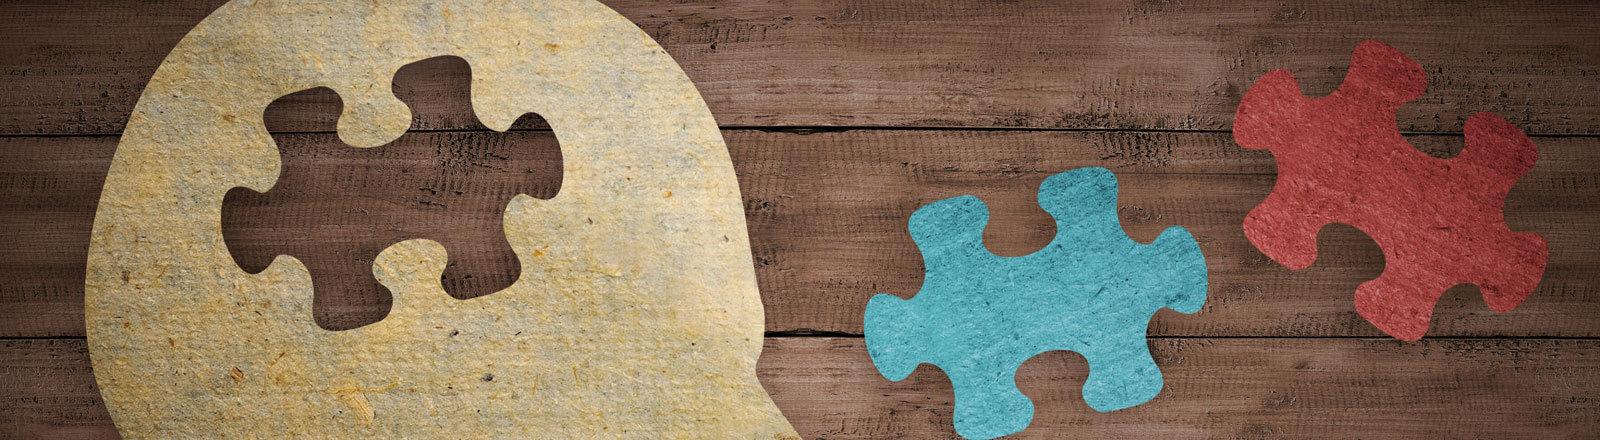 Symbolbild: Ein Kopf mit fehlendem Puzzlestück.